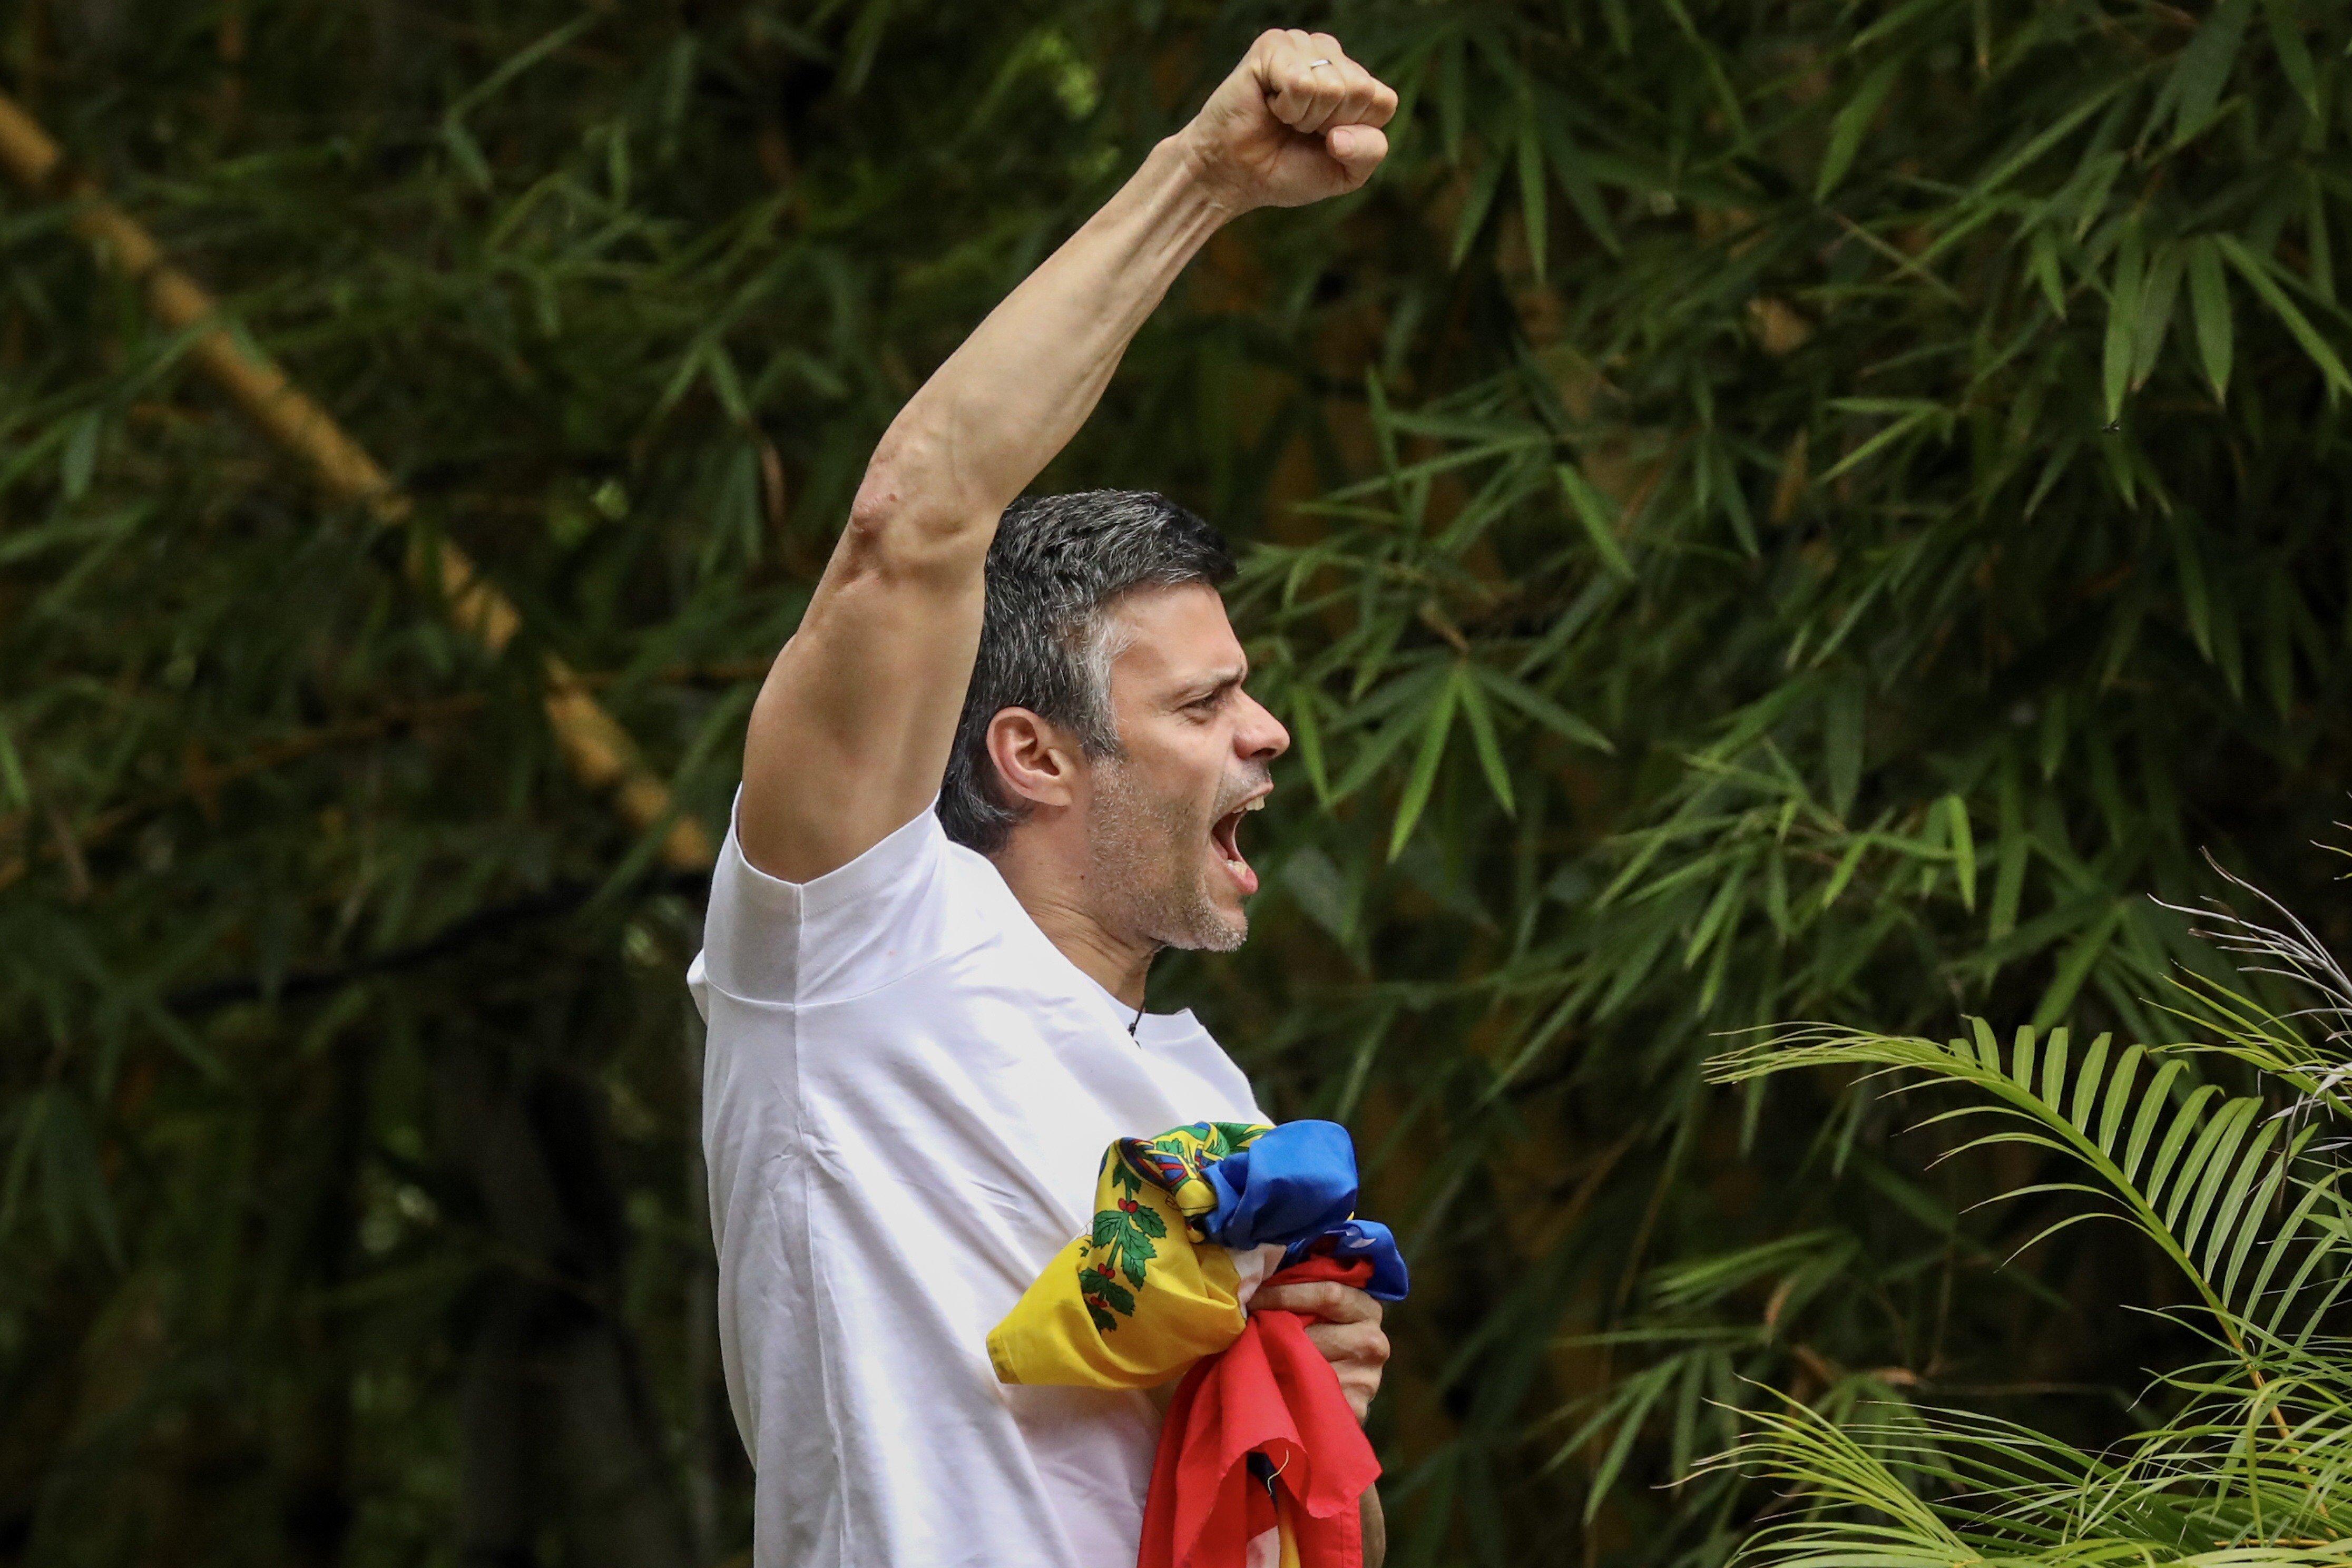 CAR30. CARACAS (VENEZUELA), 08/07/2017.- El opositor venezolano Leopoldo López saluda a seguidores hoy, sábado 8 de julio de 2017, en la entrada de su casa en Caracas (Venezuela). Leopoldo López saludó hoy desde dentro de su residencia en Caracas a la que llegó esta madrugada tras recibir una medida de arresto domiciliario que le sacó de la prisión militar en la que estaba recluido desde febrero de 2014, con una condena de 14 años de cárcel. EFE/MIGUEL GUTIÉRREZ